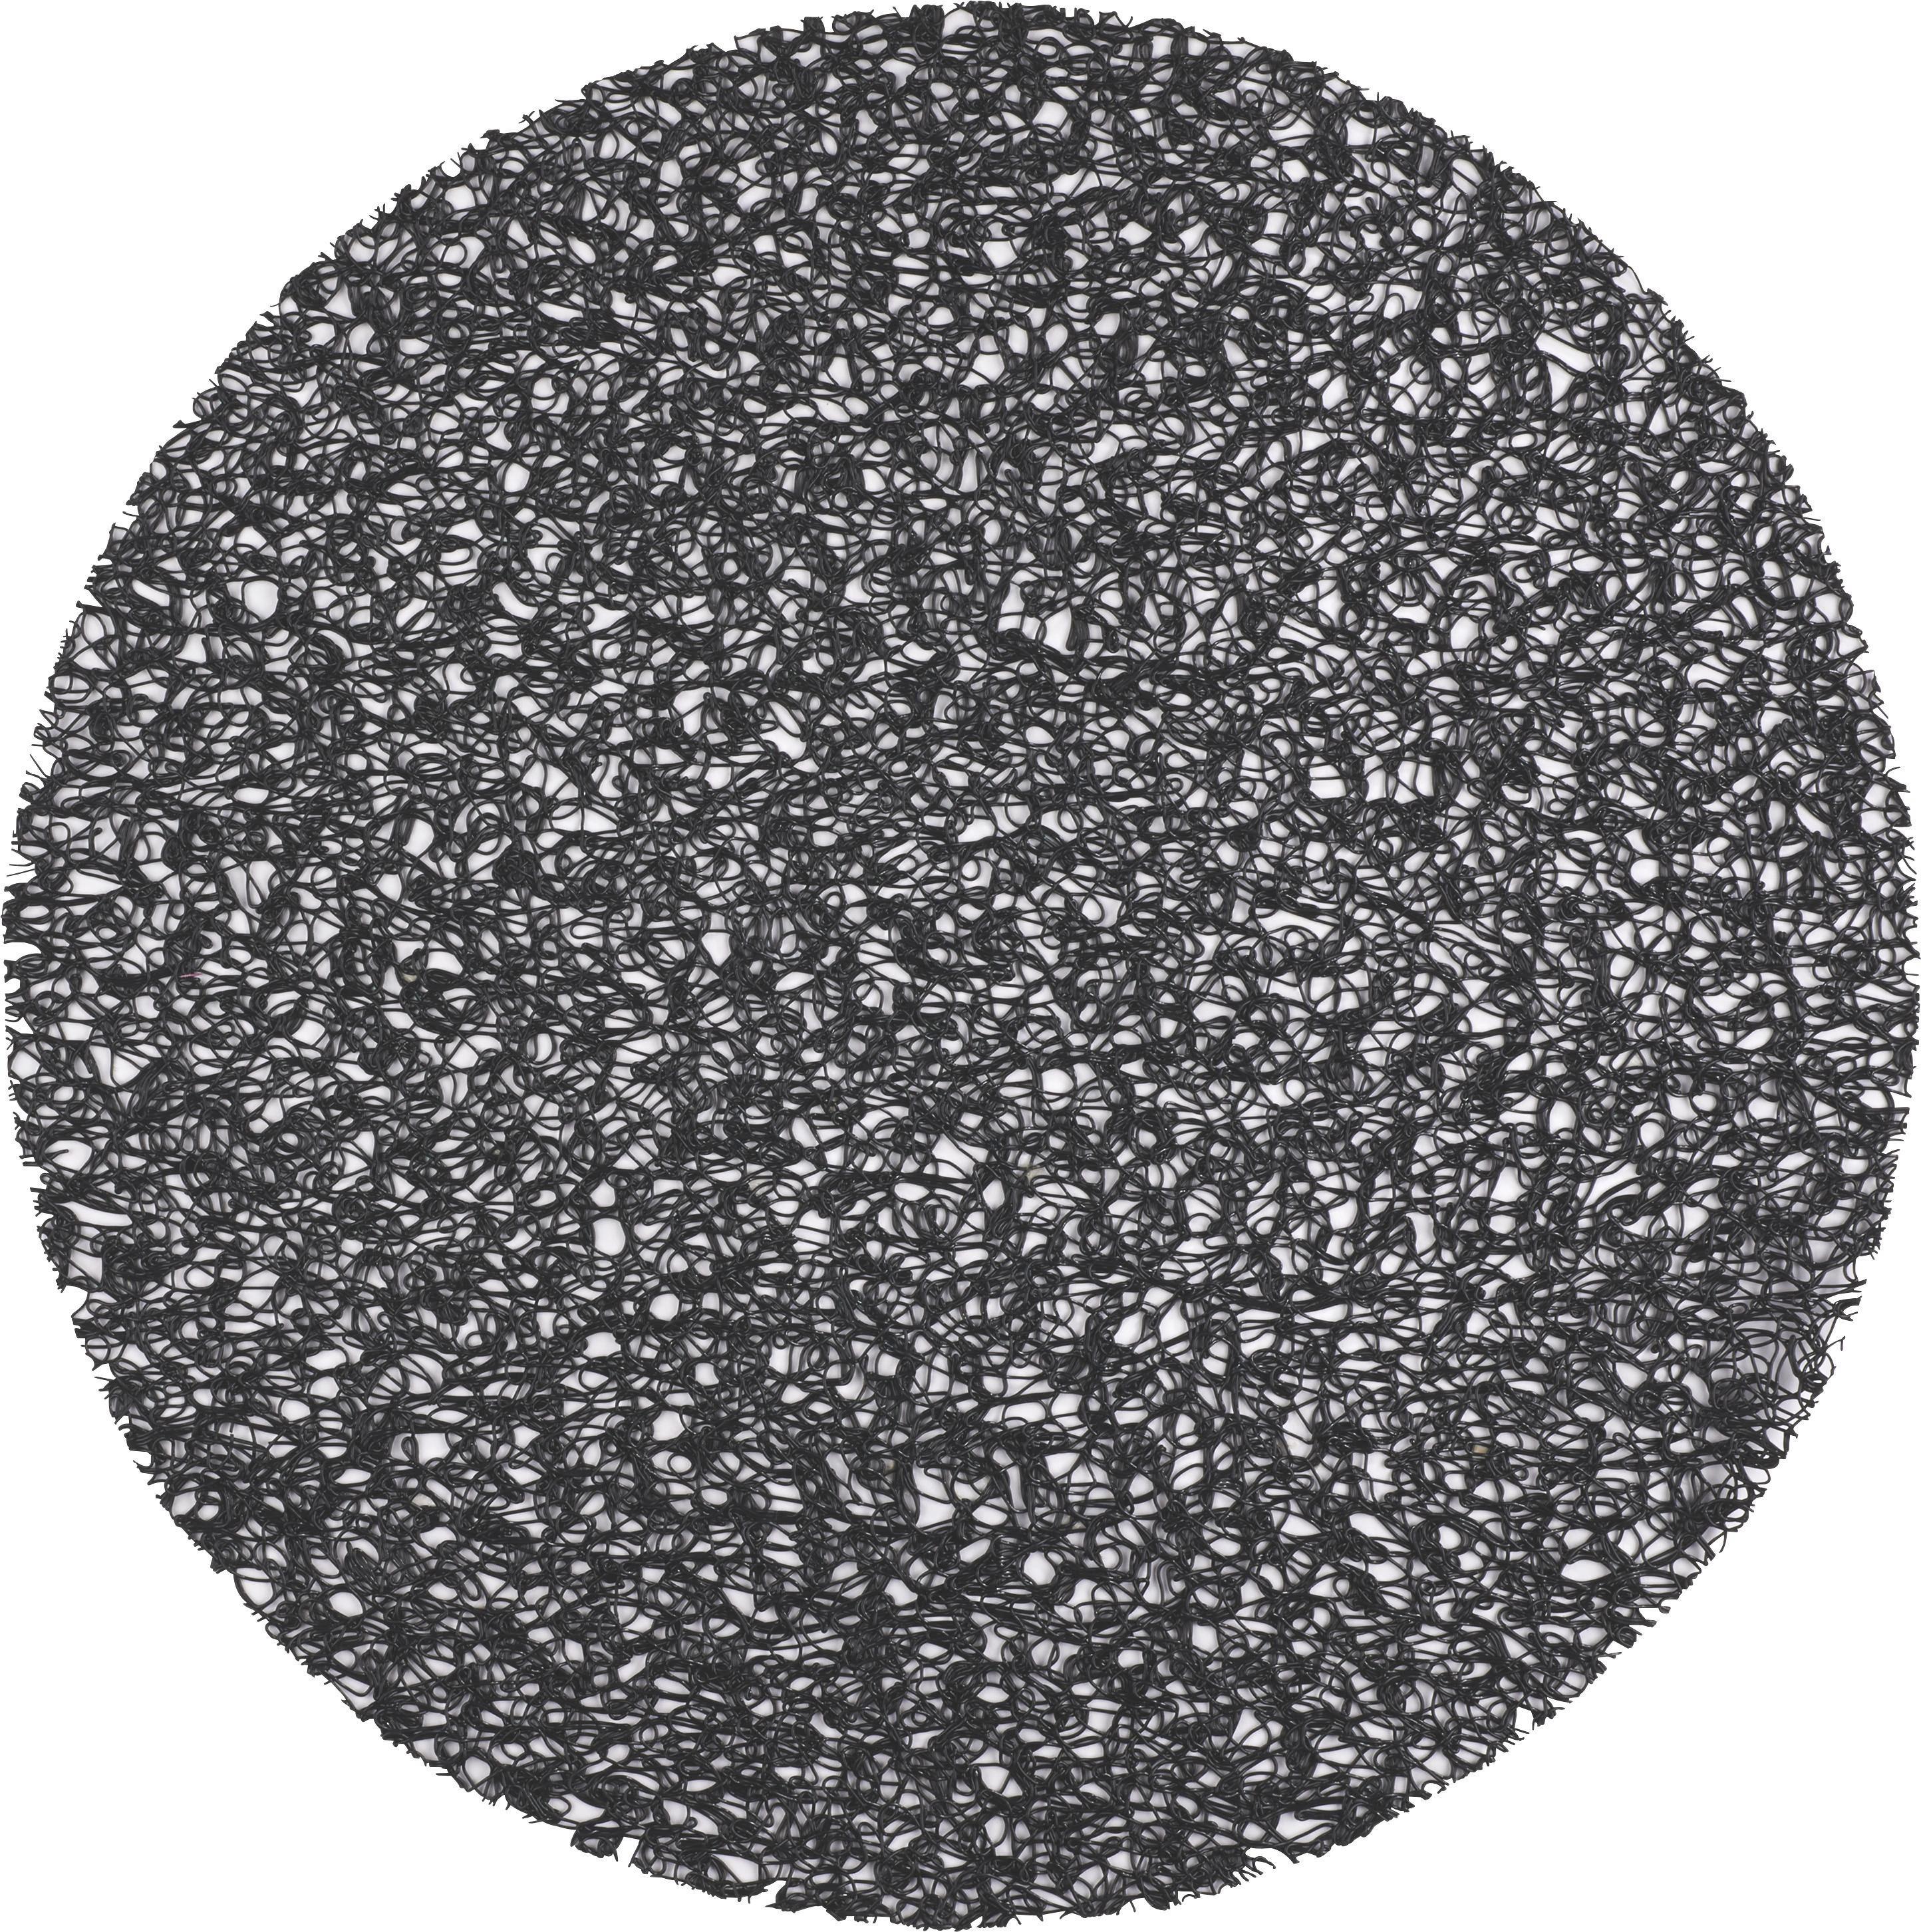 Asztali Szett Win - világosszürke/fekete, modern, műanyag (38cm)